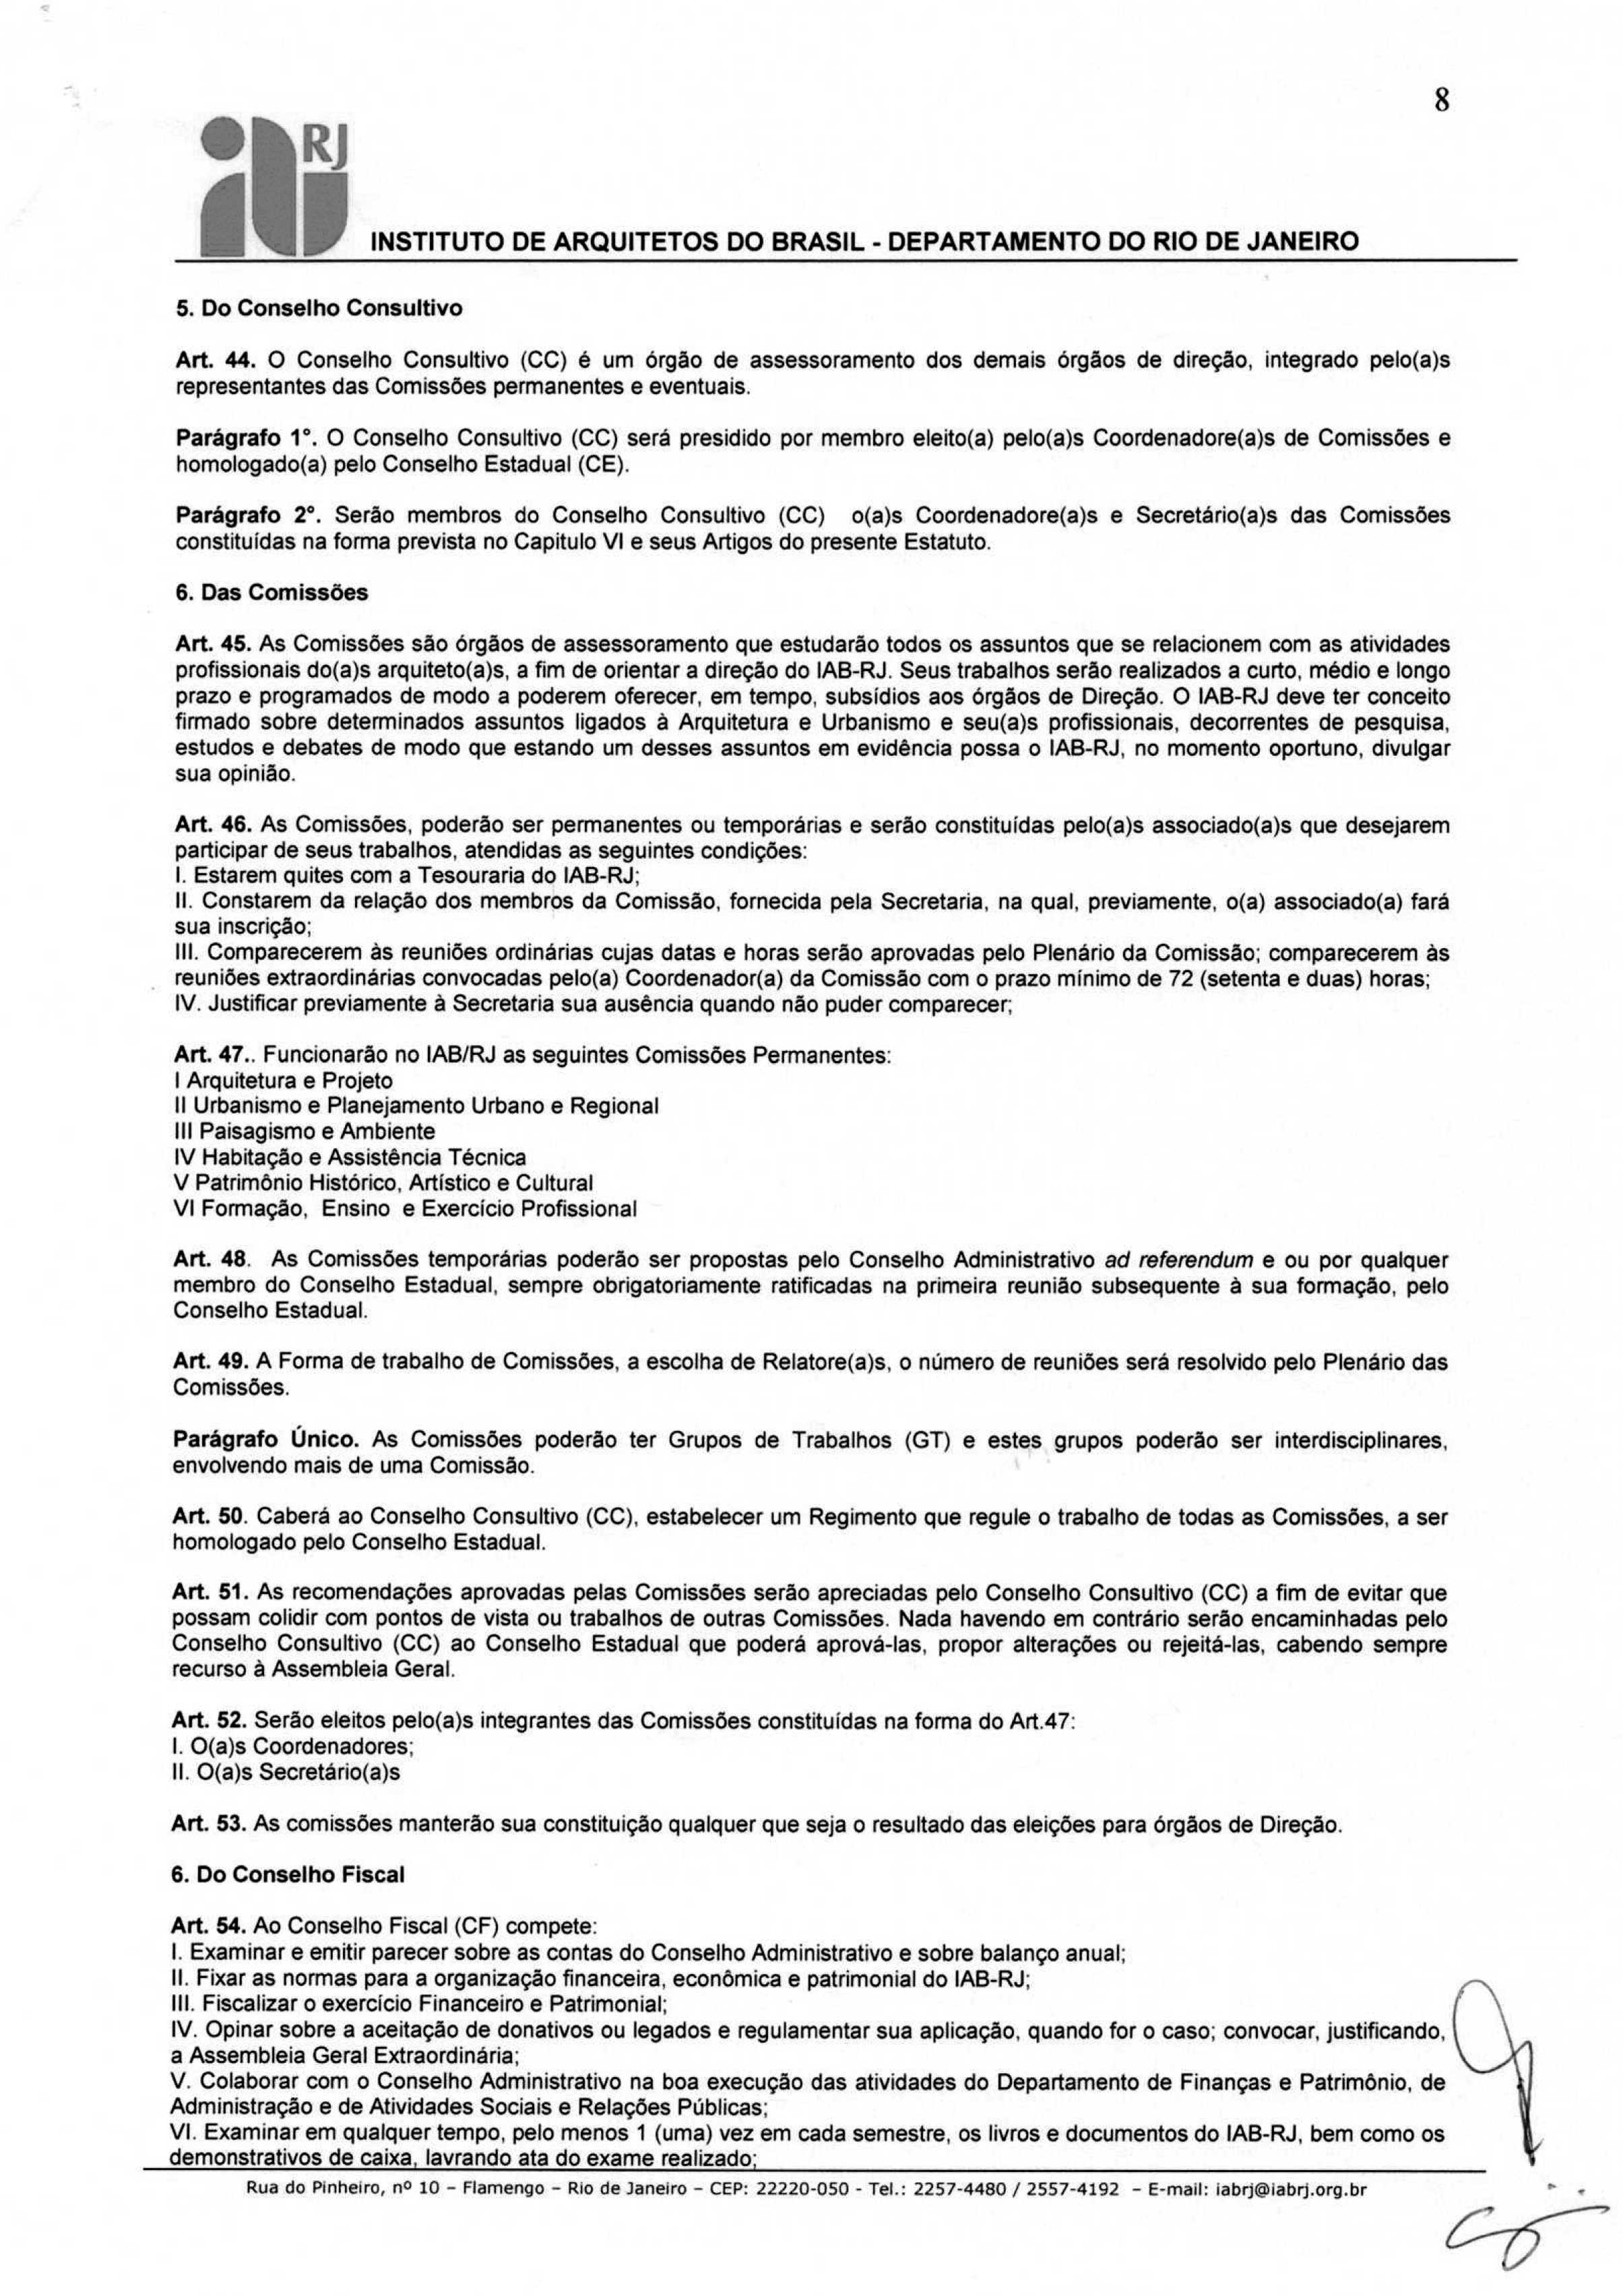 Estatuto_IABRJ_Registrado2016-8-10